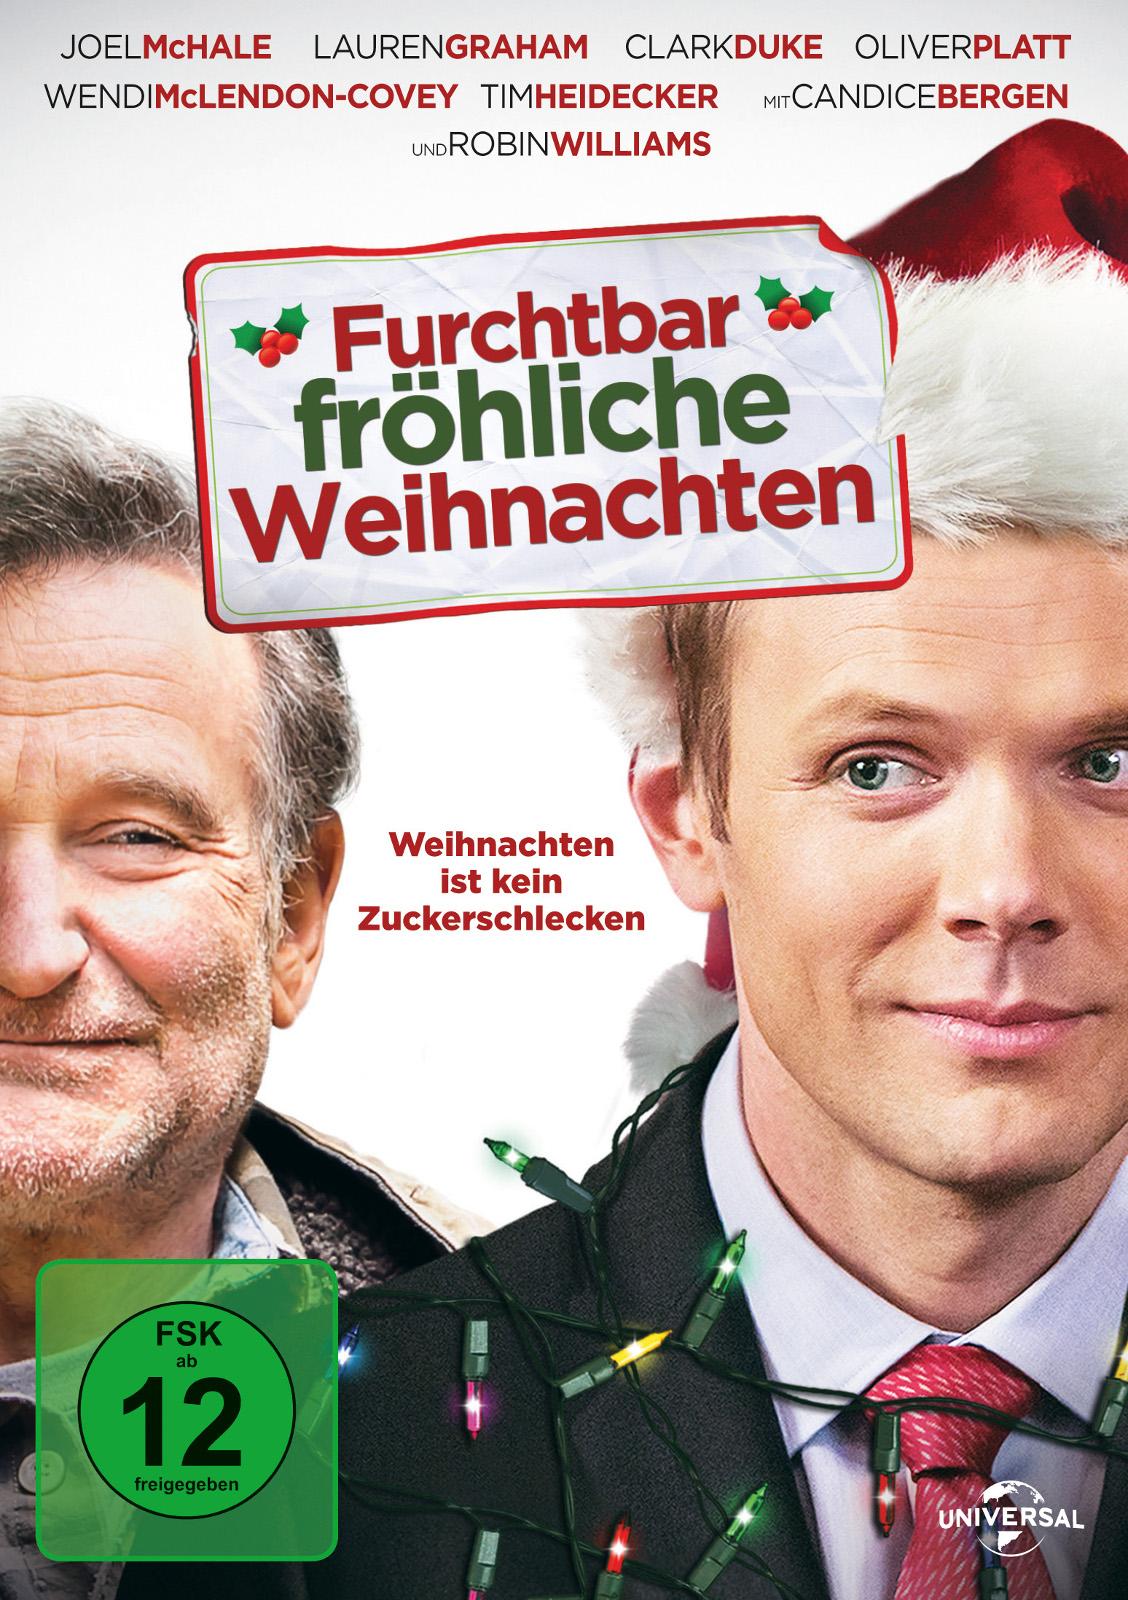 Furchtbar fröhliche Weihnachten: Ähnliche Filme - FILMSTARTS.de